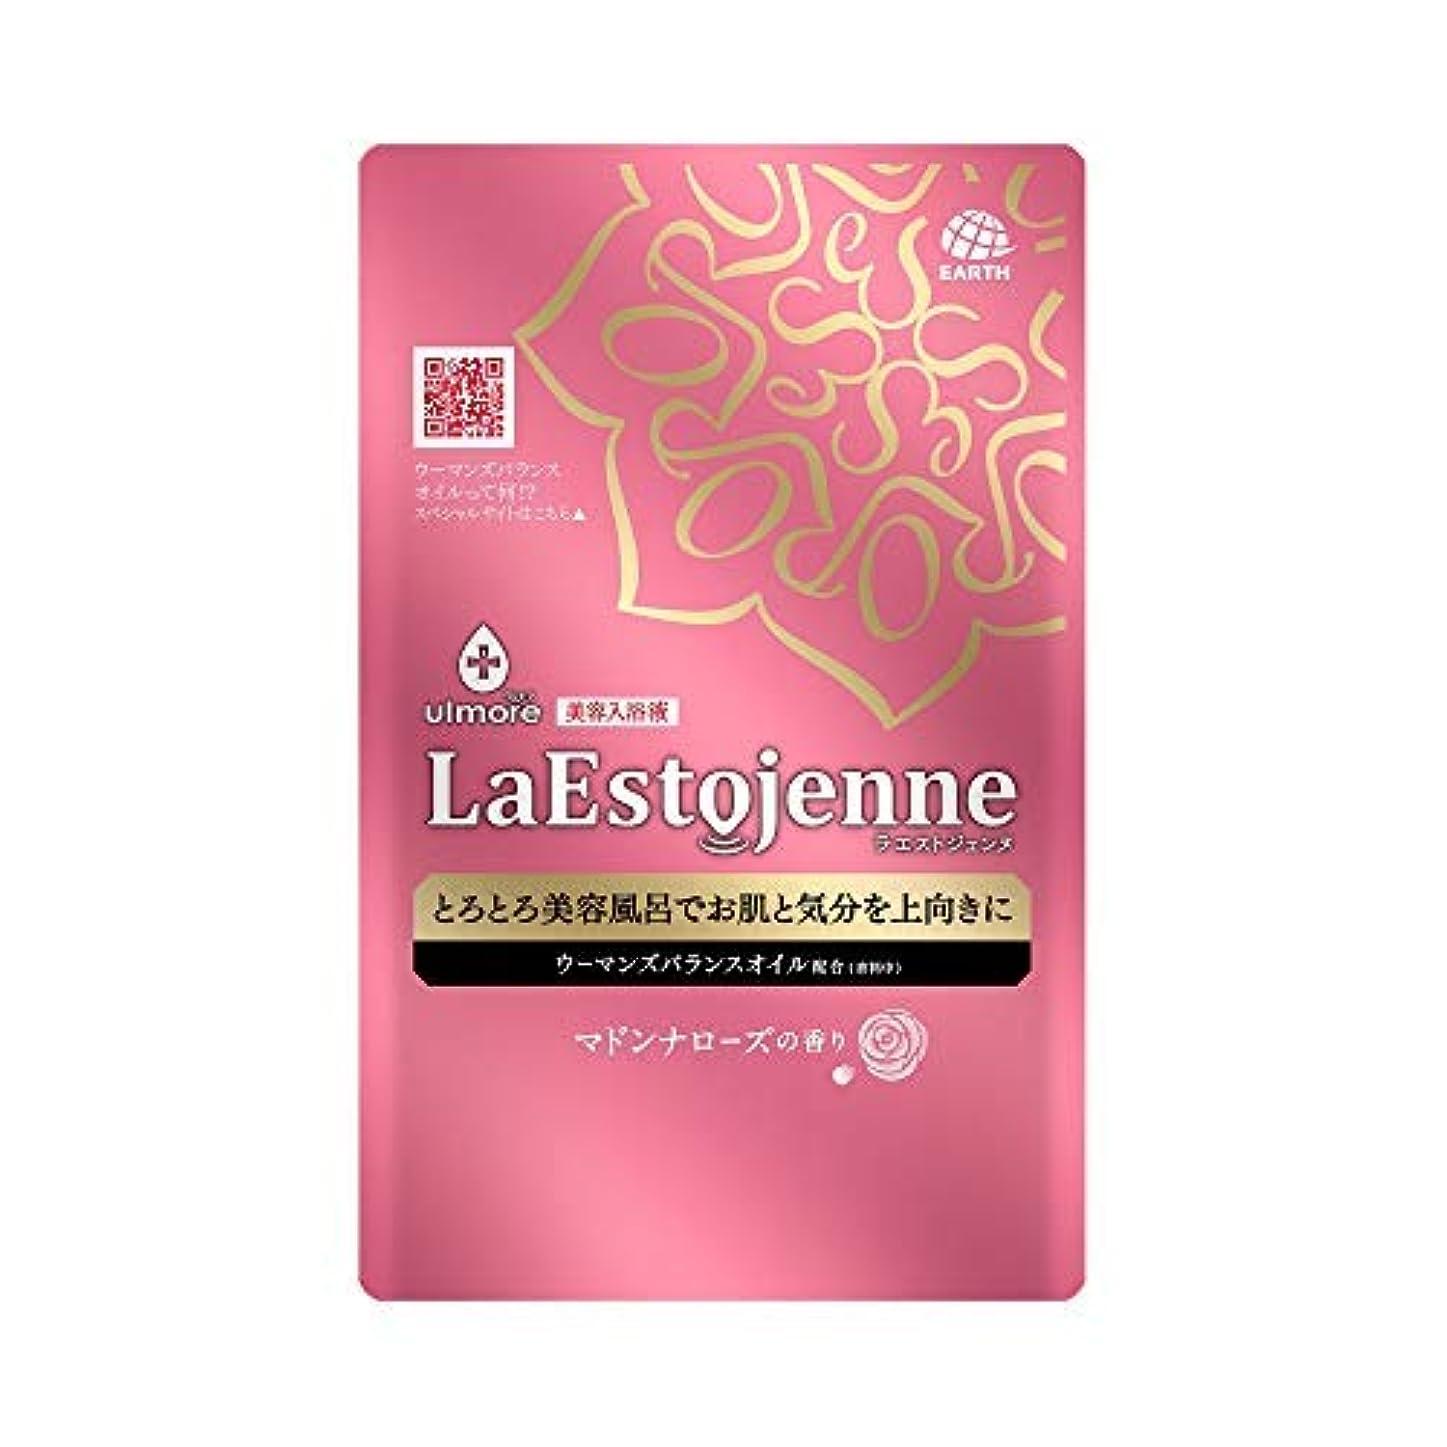 うるさい死フルートウルモア ラエストジェンヌ マドンナローズの香り 1包 × 24個セット